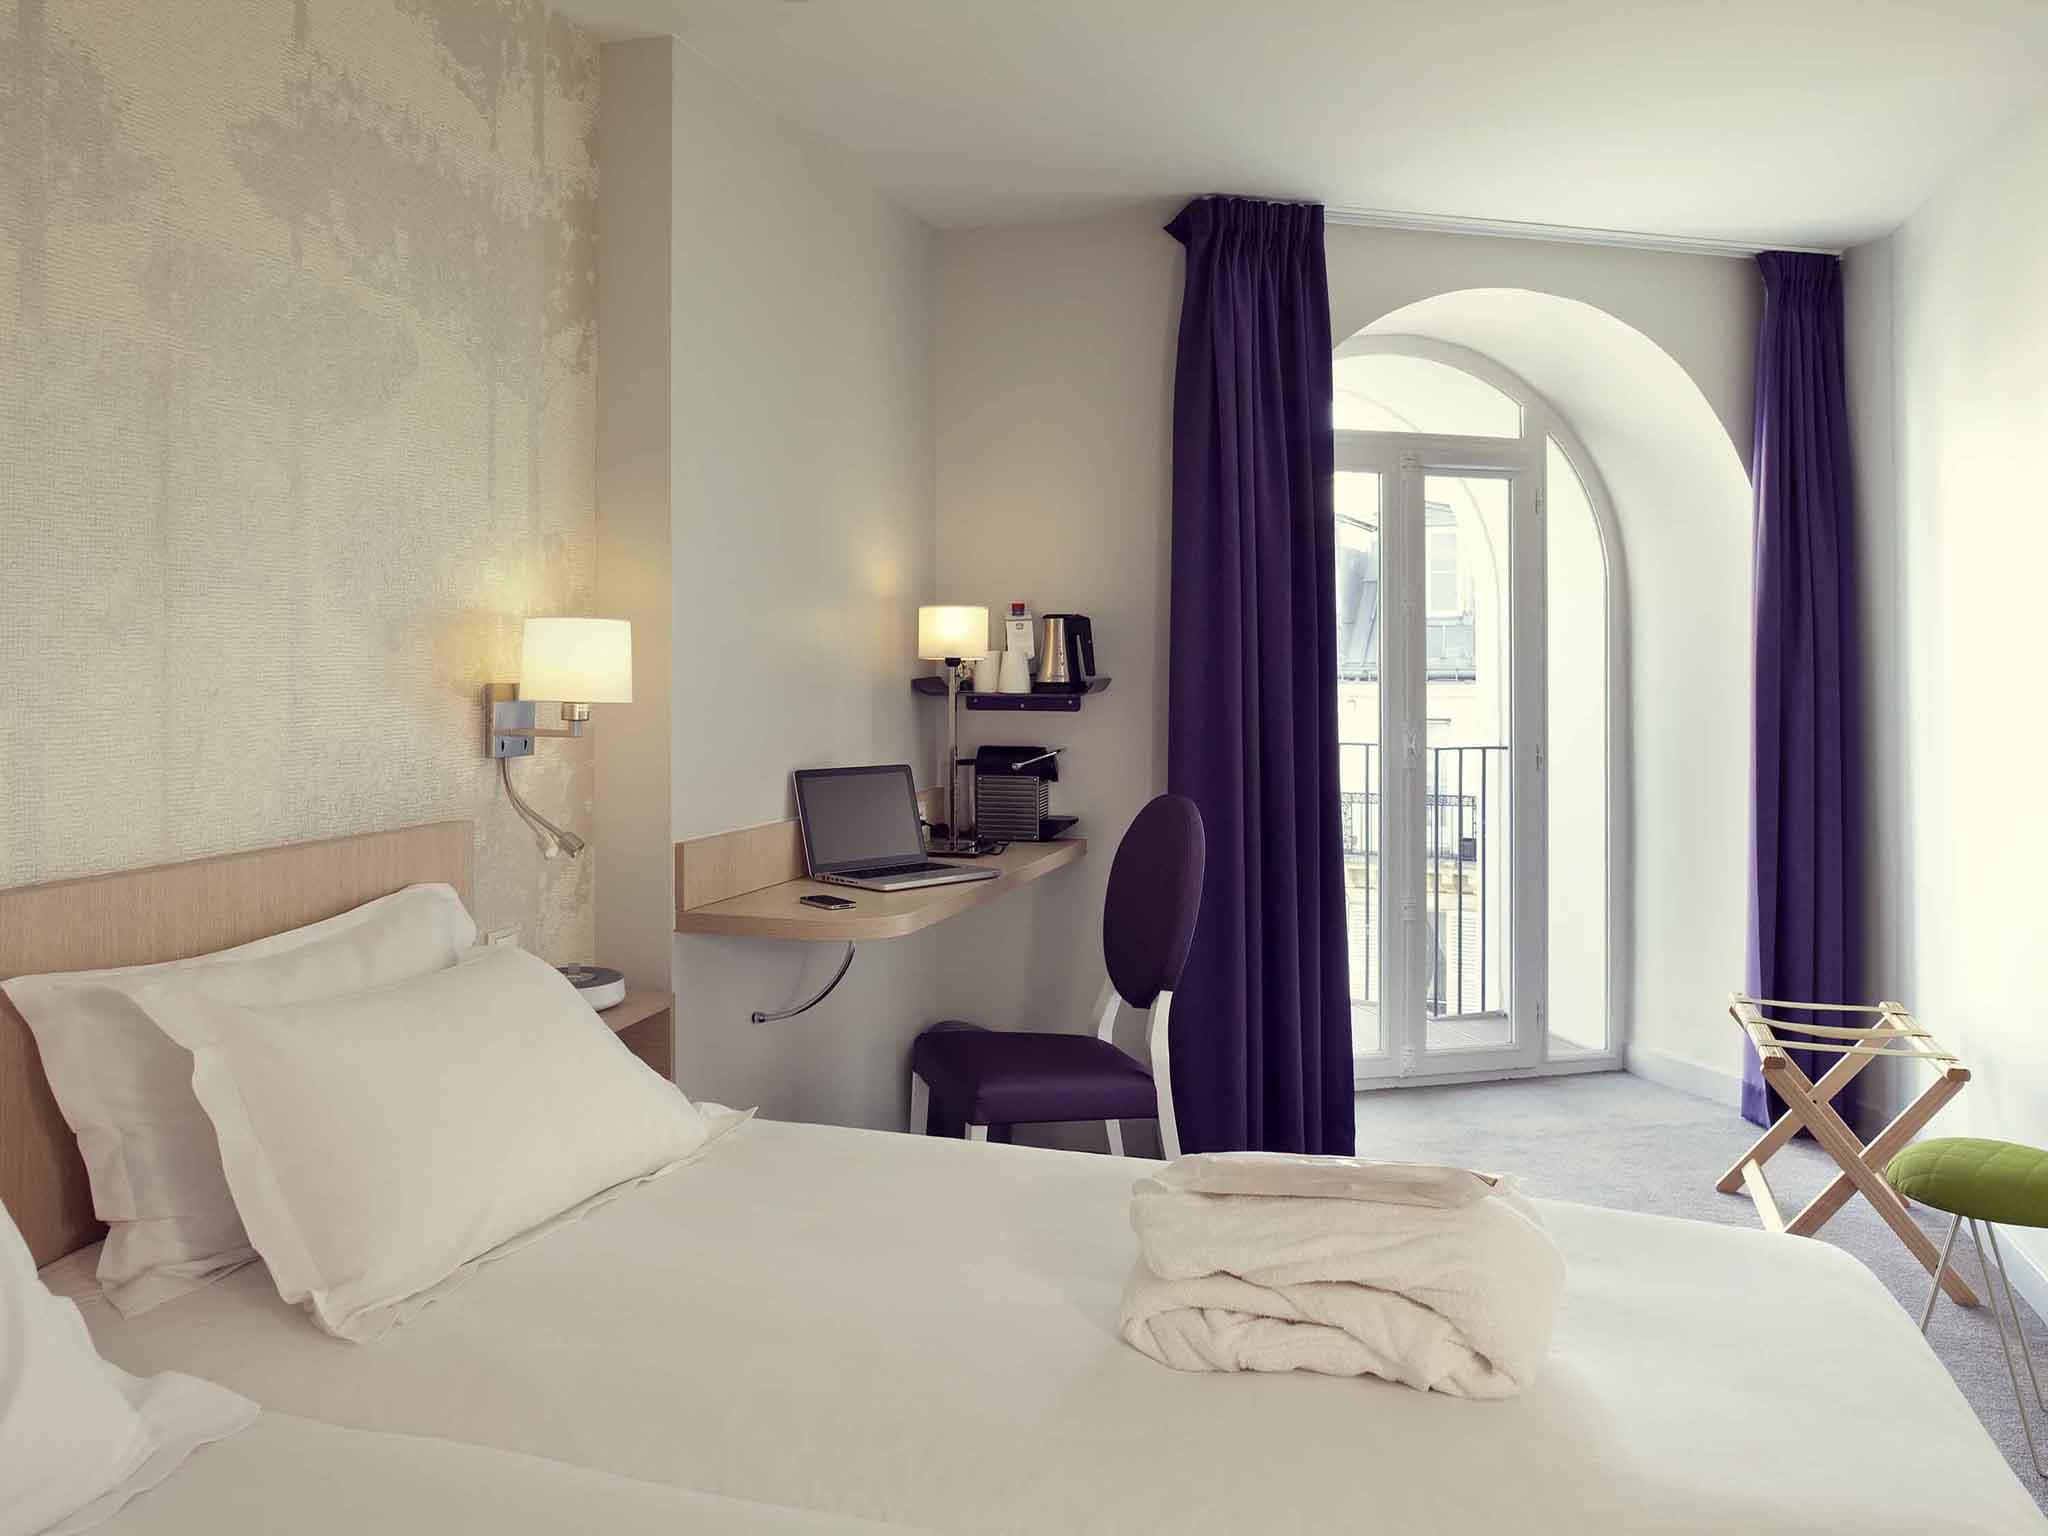 Hotel – Hôtel Mercure Paris Notre Dame Saint Germain des Prés